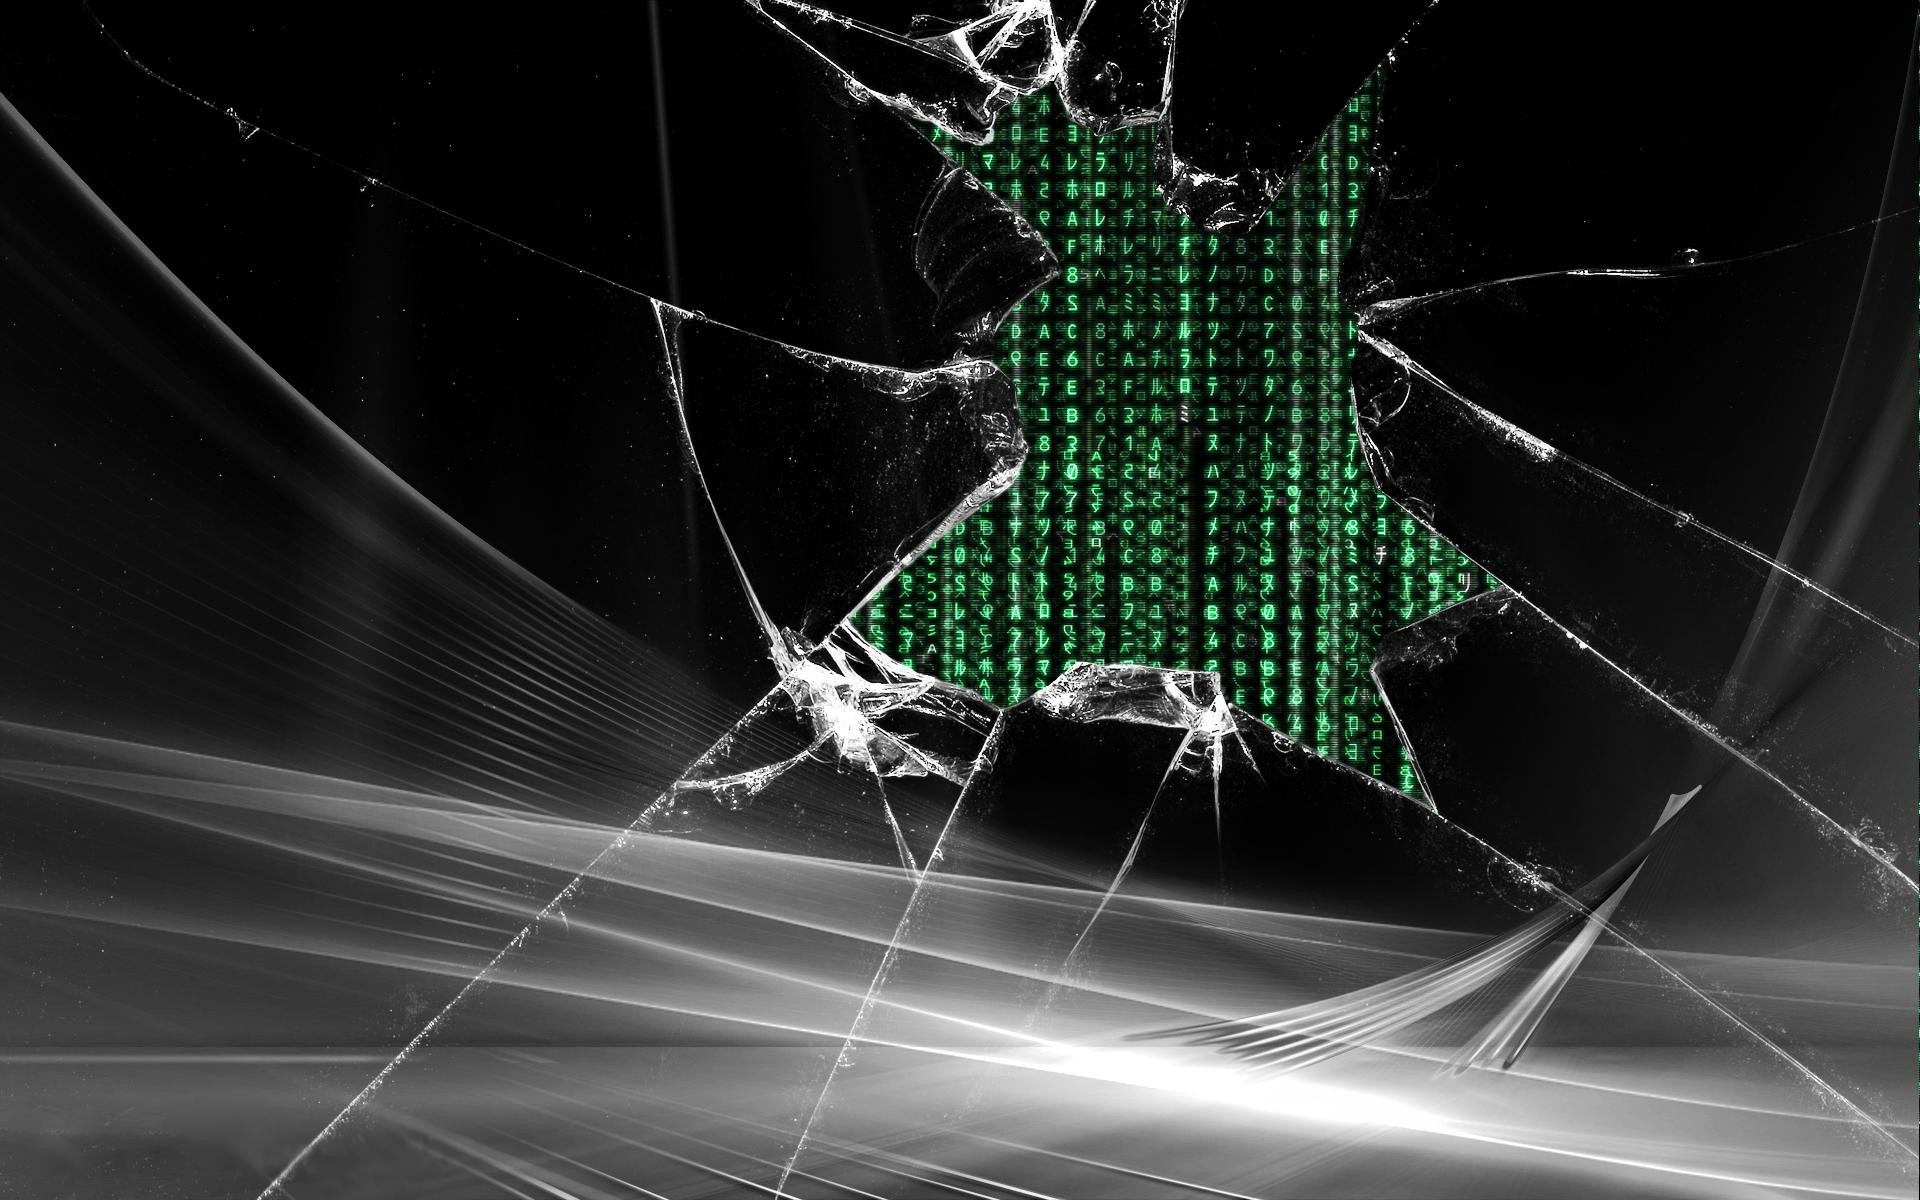 Broken Ipad Screen Wallpaper